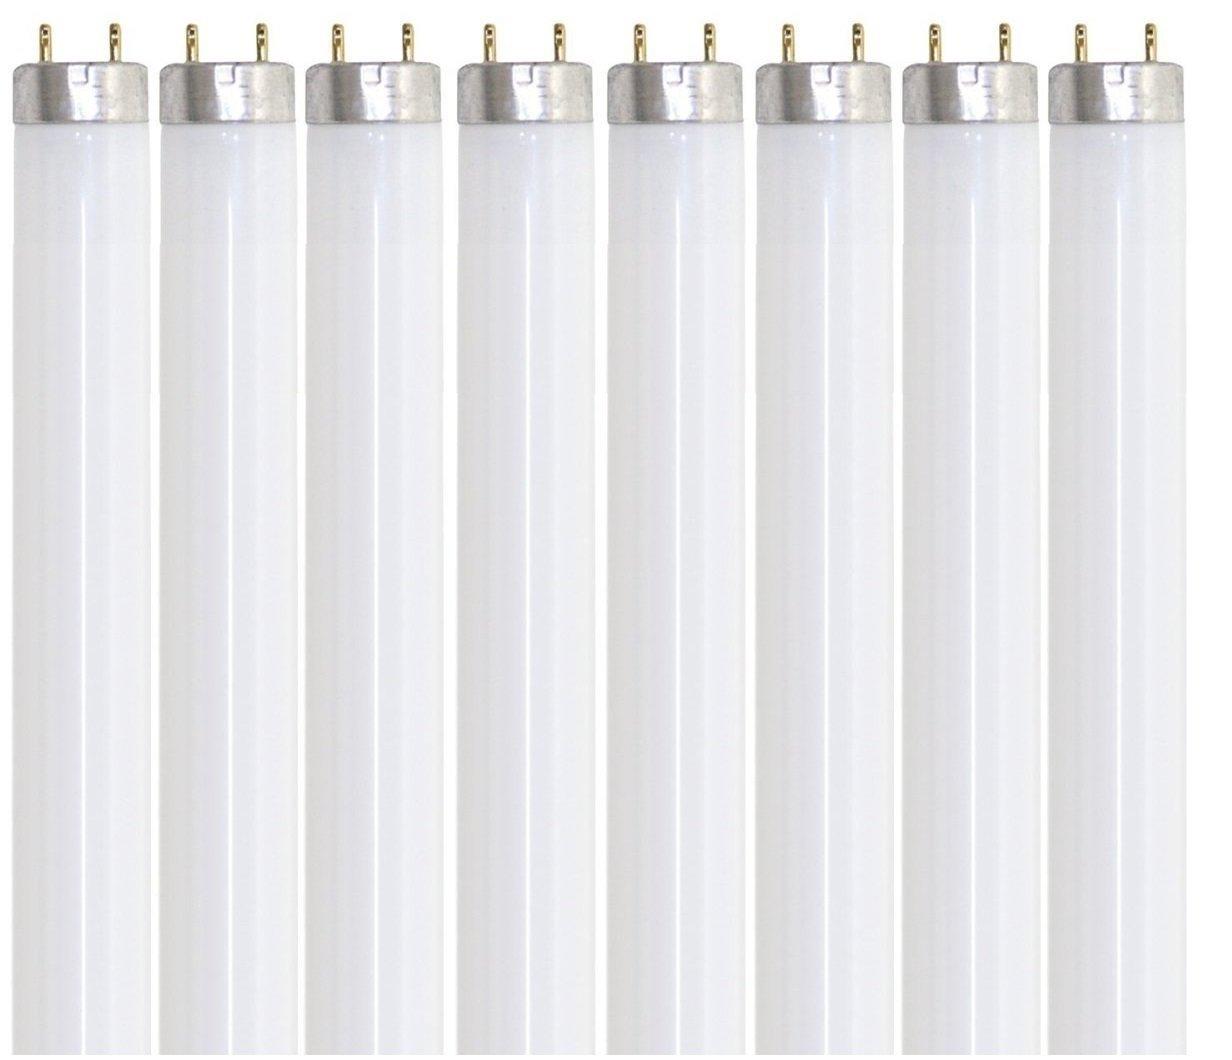 Pack of 8 F32T8/865 32 watt 48'' Straight F32 T8 Medium Bi-Pin (G13) Base, 6,500K Daylight Octron Fluorescent Tube Light Bulb by Sterl Lighting (Image #1)